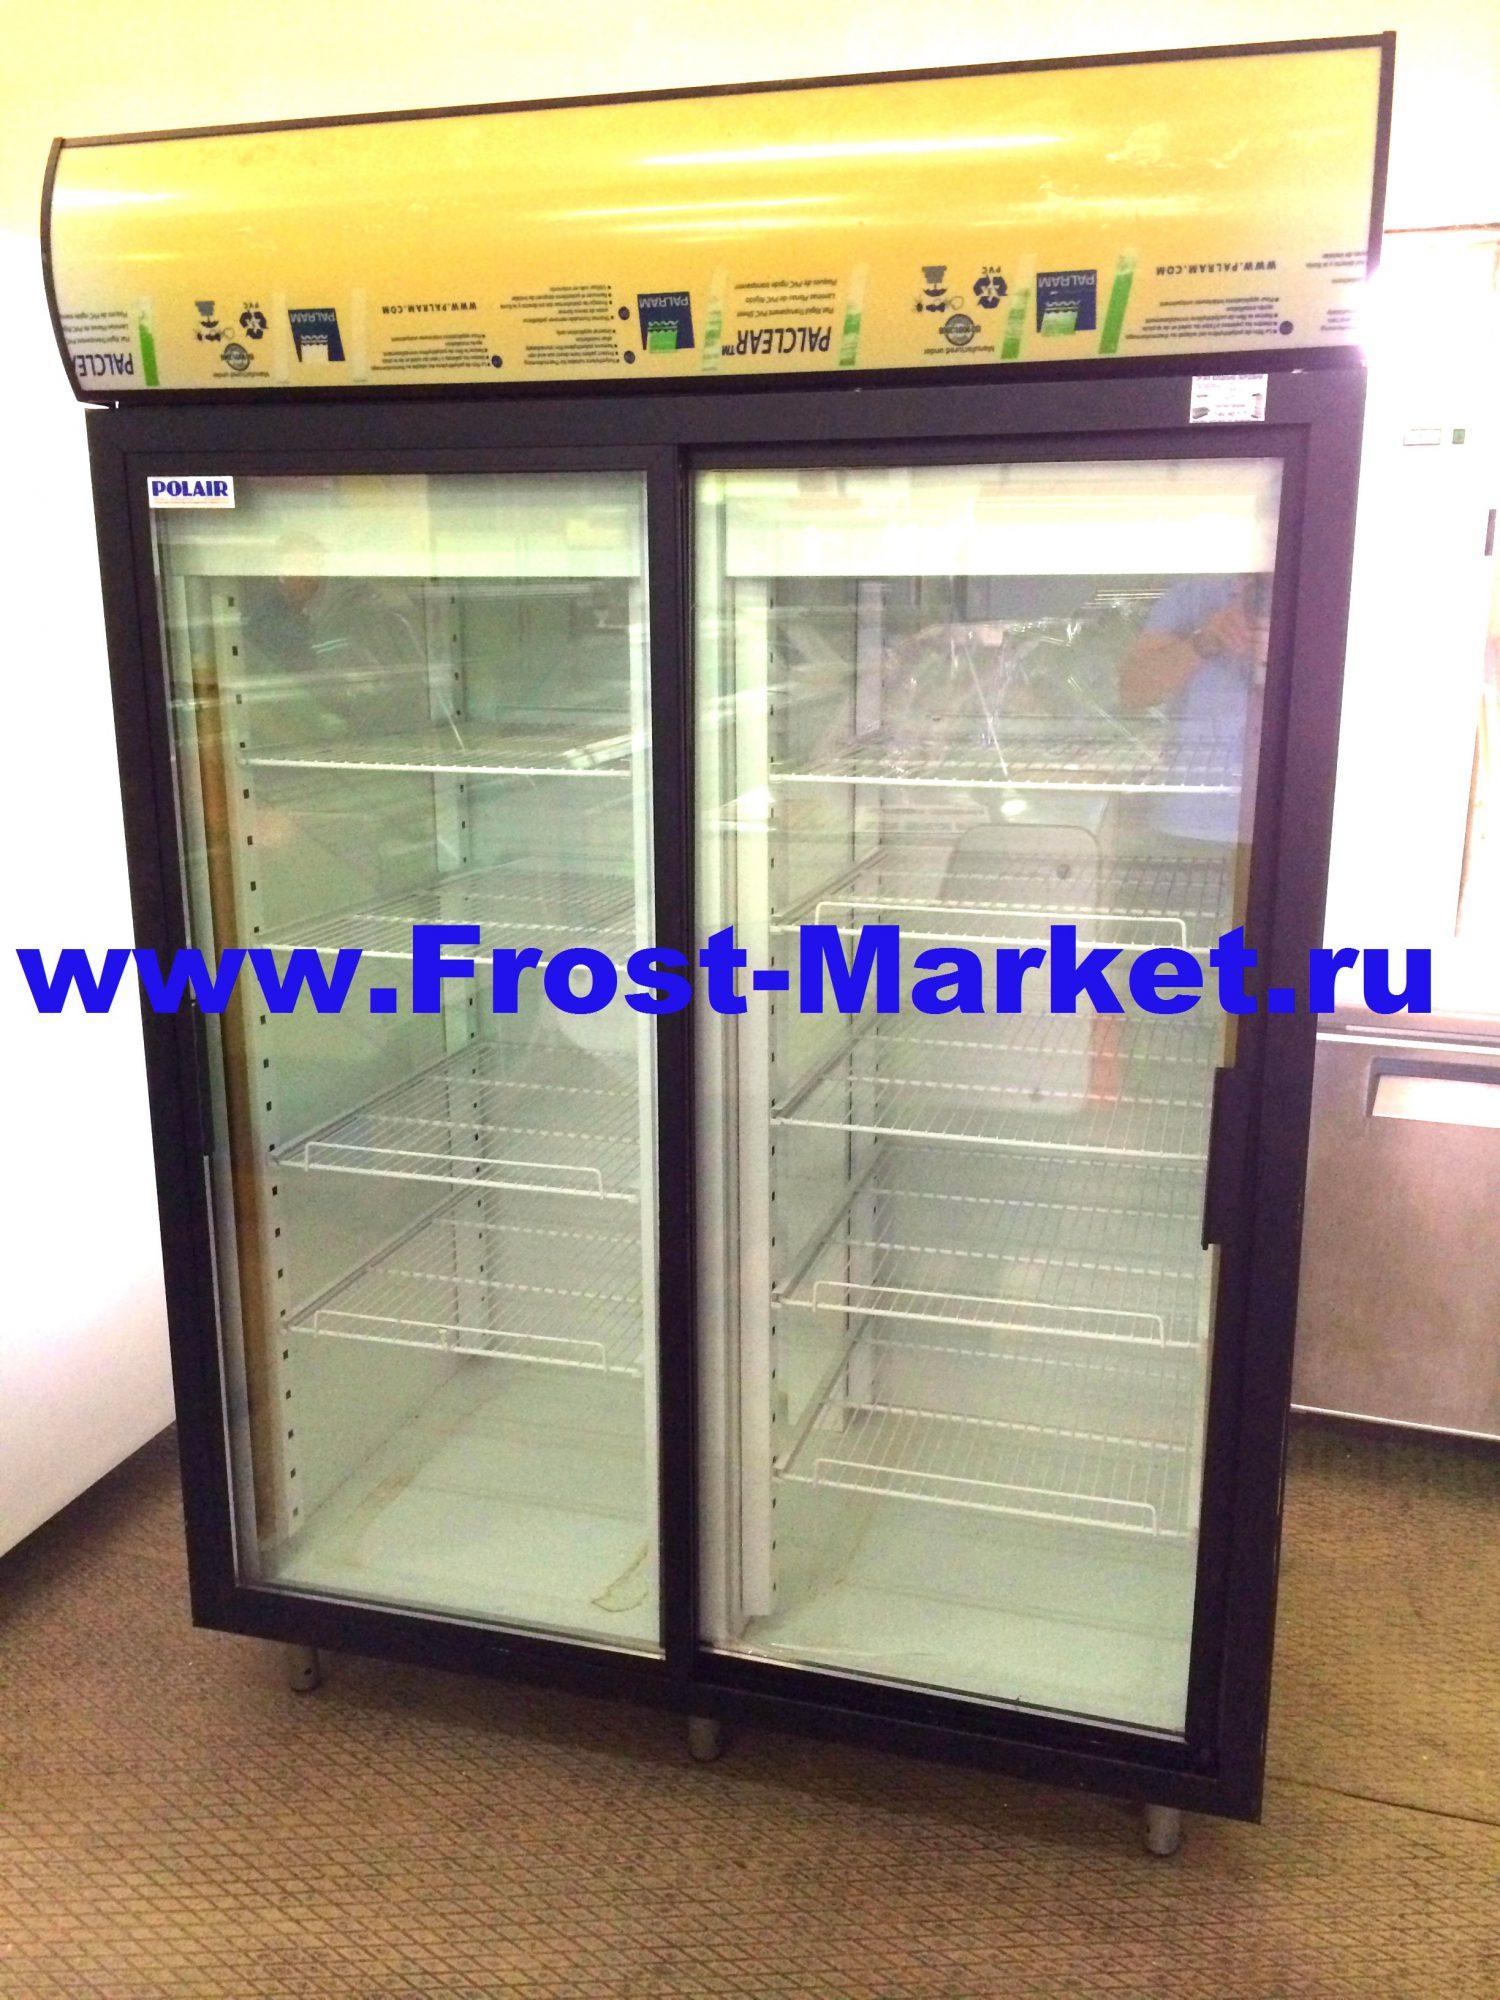 Поступили в продажу холодильные и морозильные шкафы бу Полаир